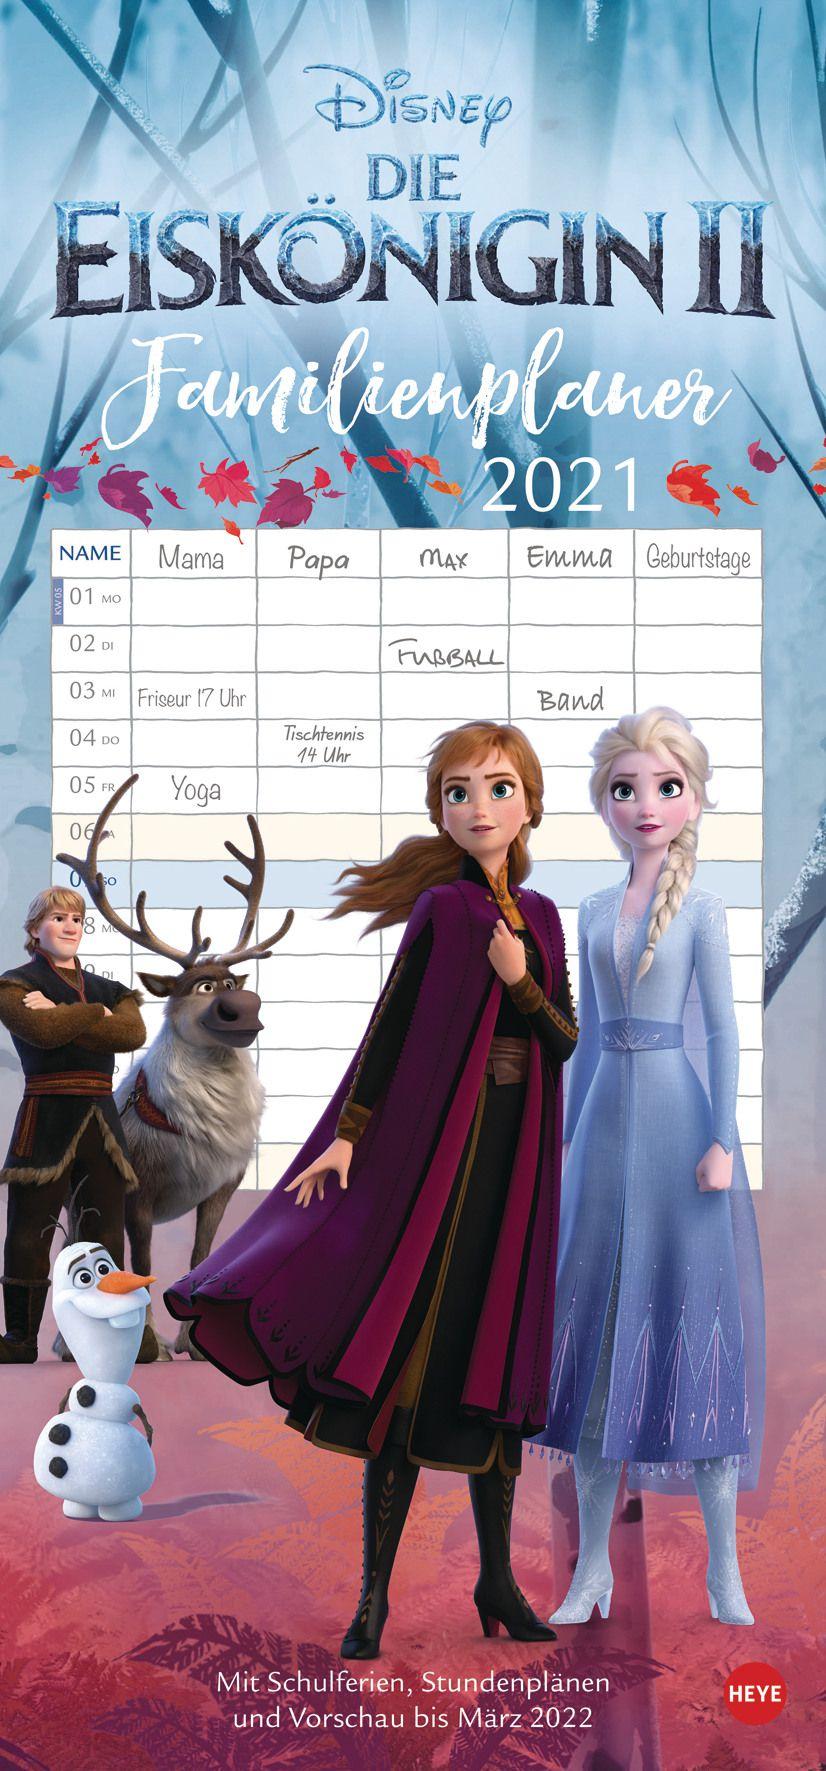 Die Eiskönigin 2021